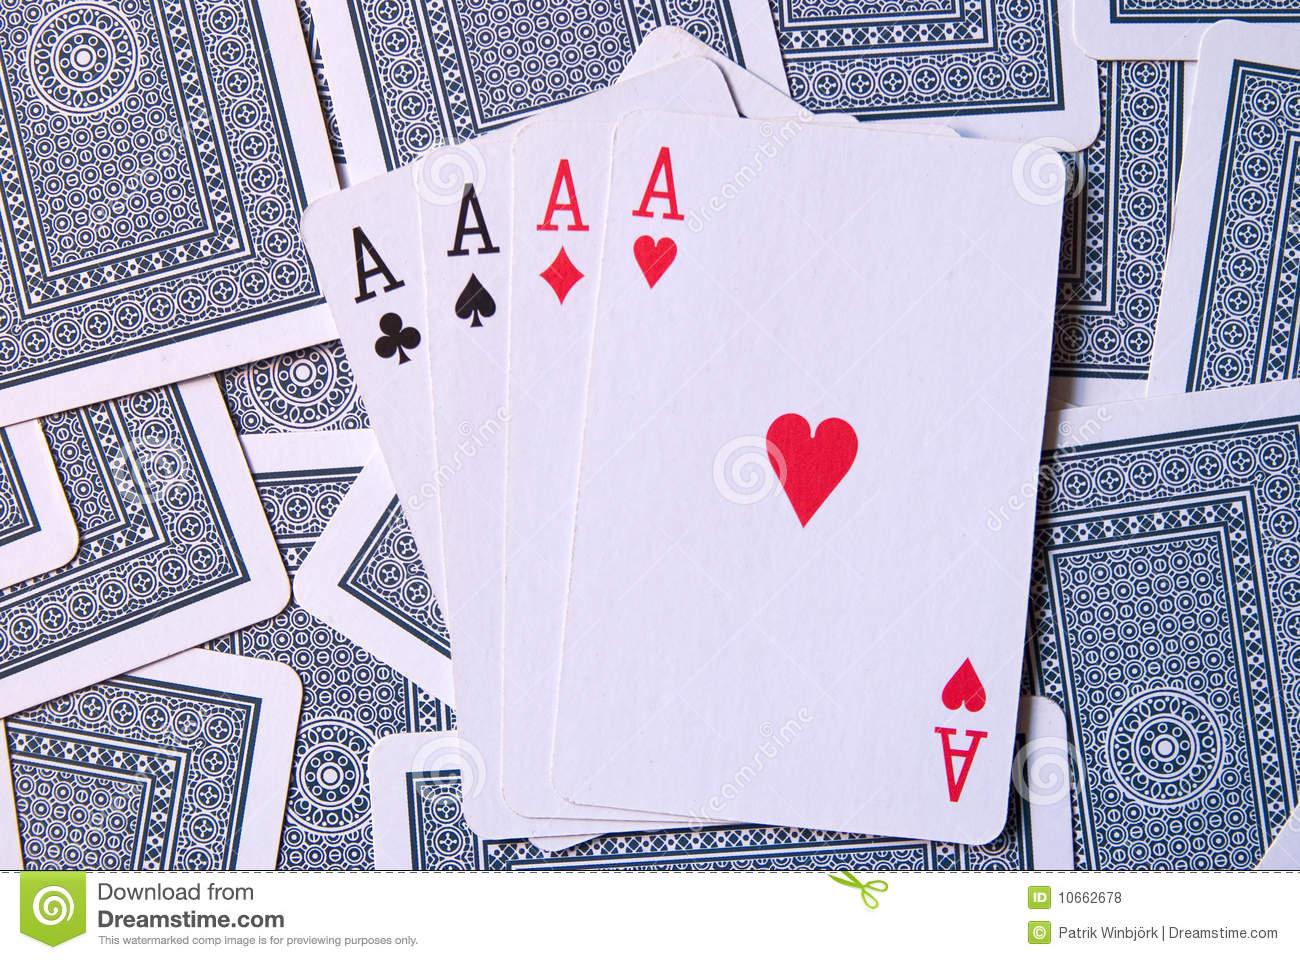 Cartes De Jeu Avec 4 As Photo Stock. Image Du Détruisez à Jeu De 4 Images